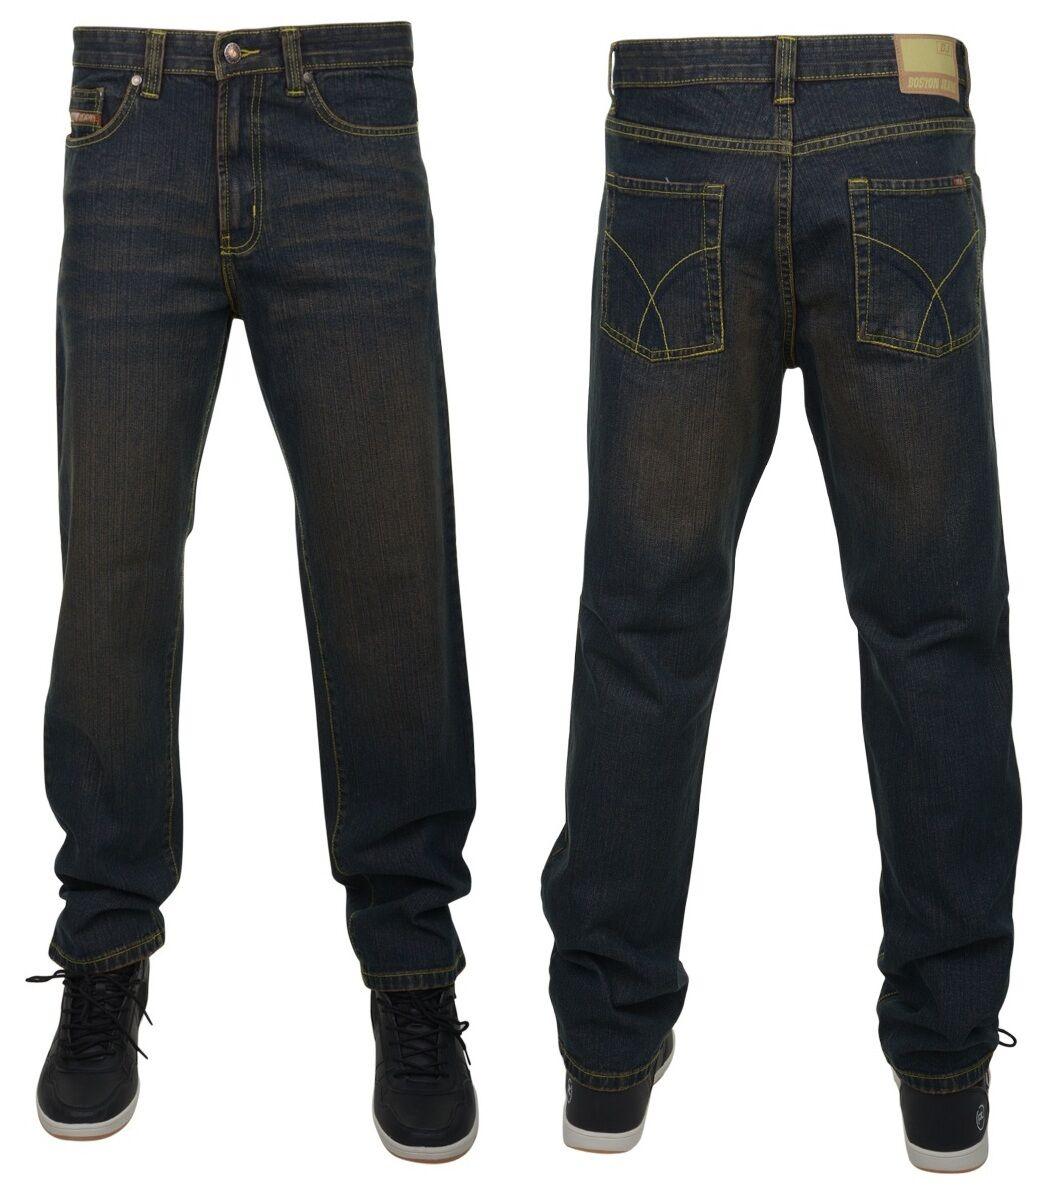 Nuovo da Uomo Grande KingDimensione Boston Vintage Sbiadito Jeans Scuri verde Blu